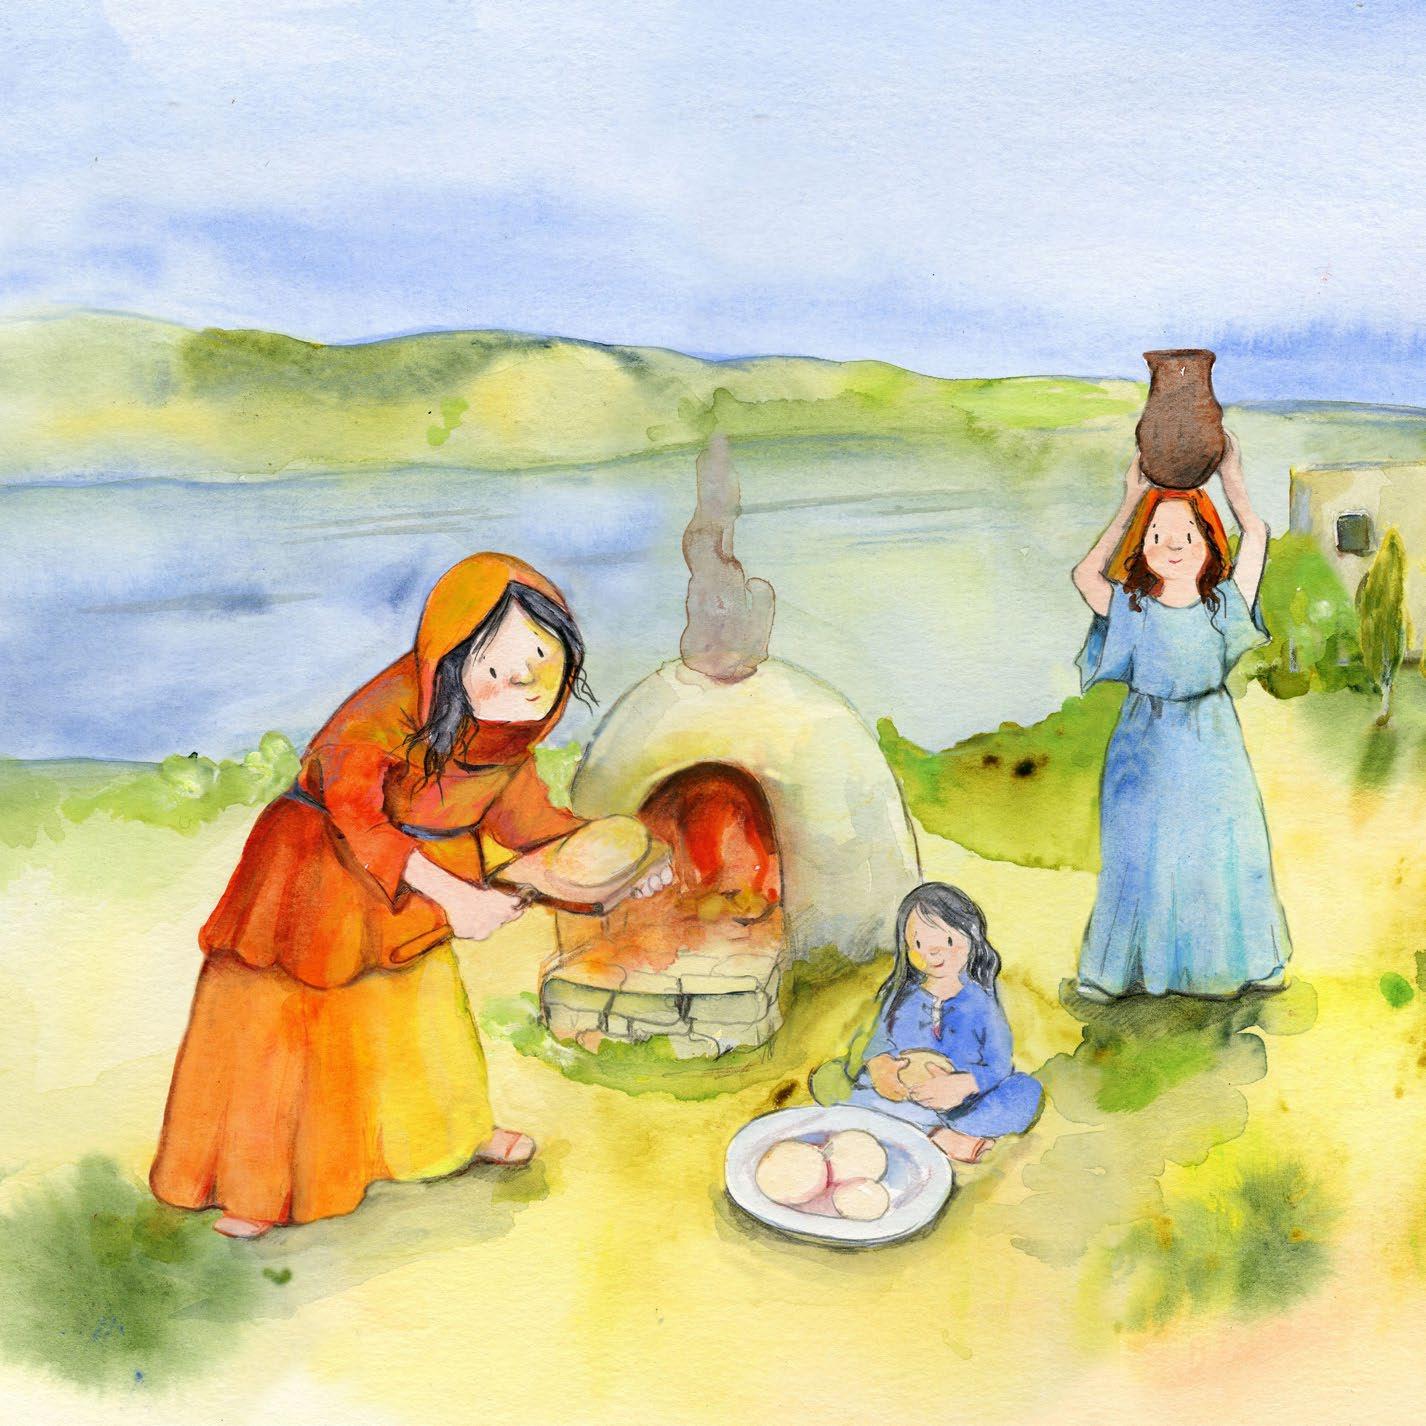 Innenansicht zu Jesus erzählt vom Reich Gottes. Vier Gleichnisse: Vom Sämann. Von der selbstwachsenden Saat. Vom Senfkorn. Vom Sauerteig. Mini-Bilderbuch.